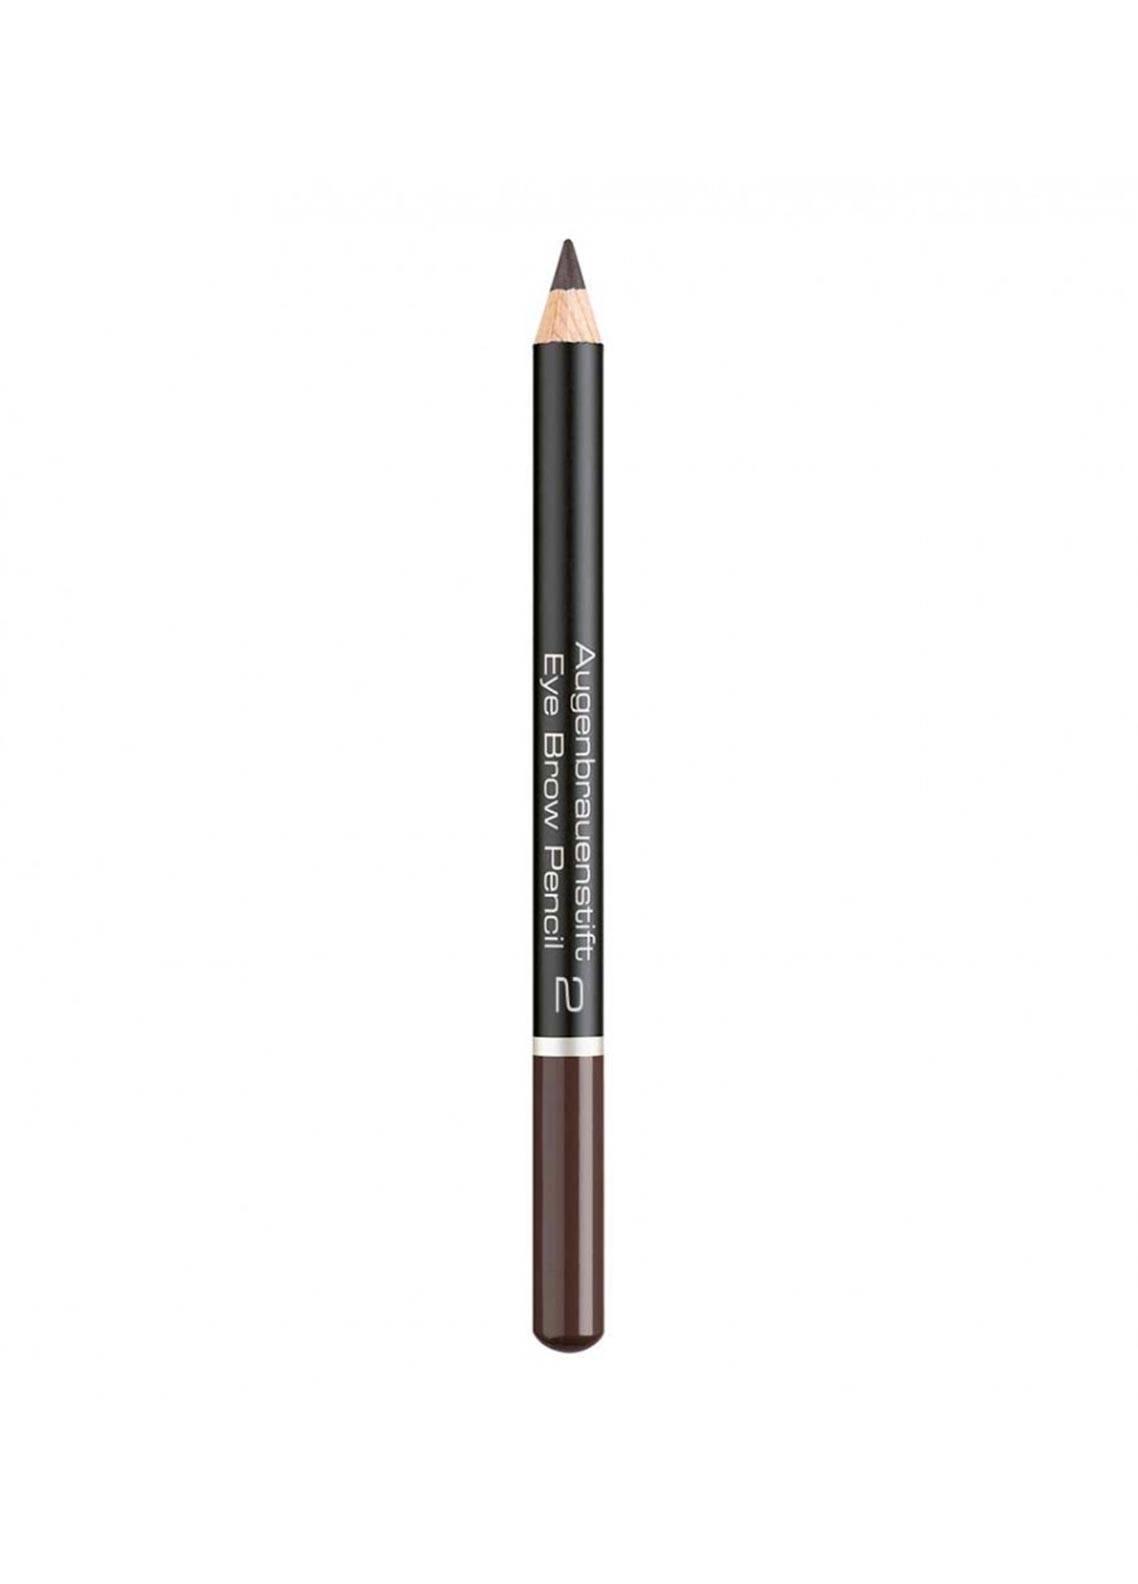 Artdeco Eye Brow Pencil-02